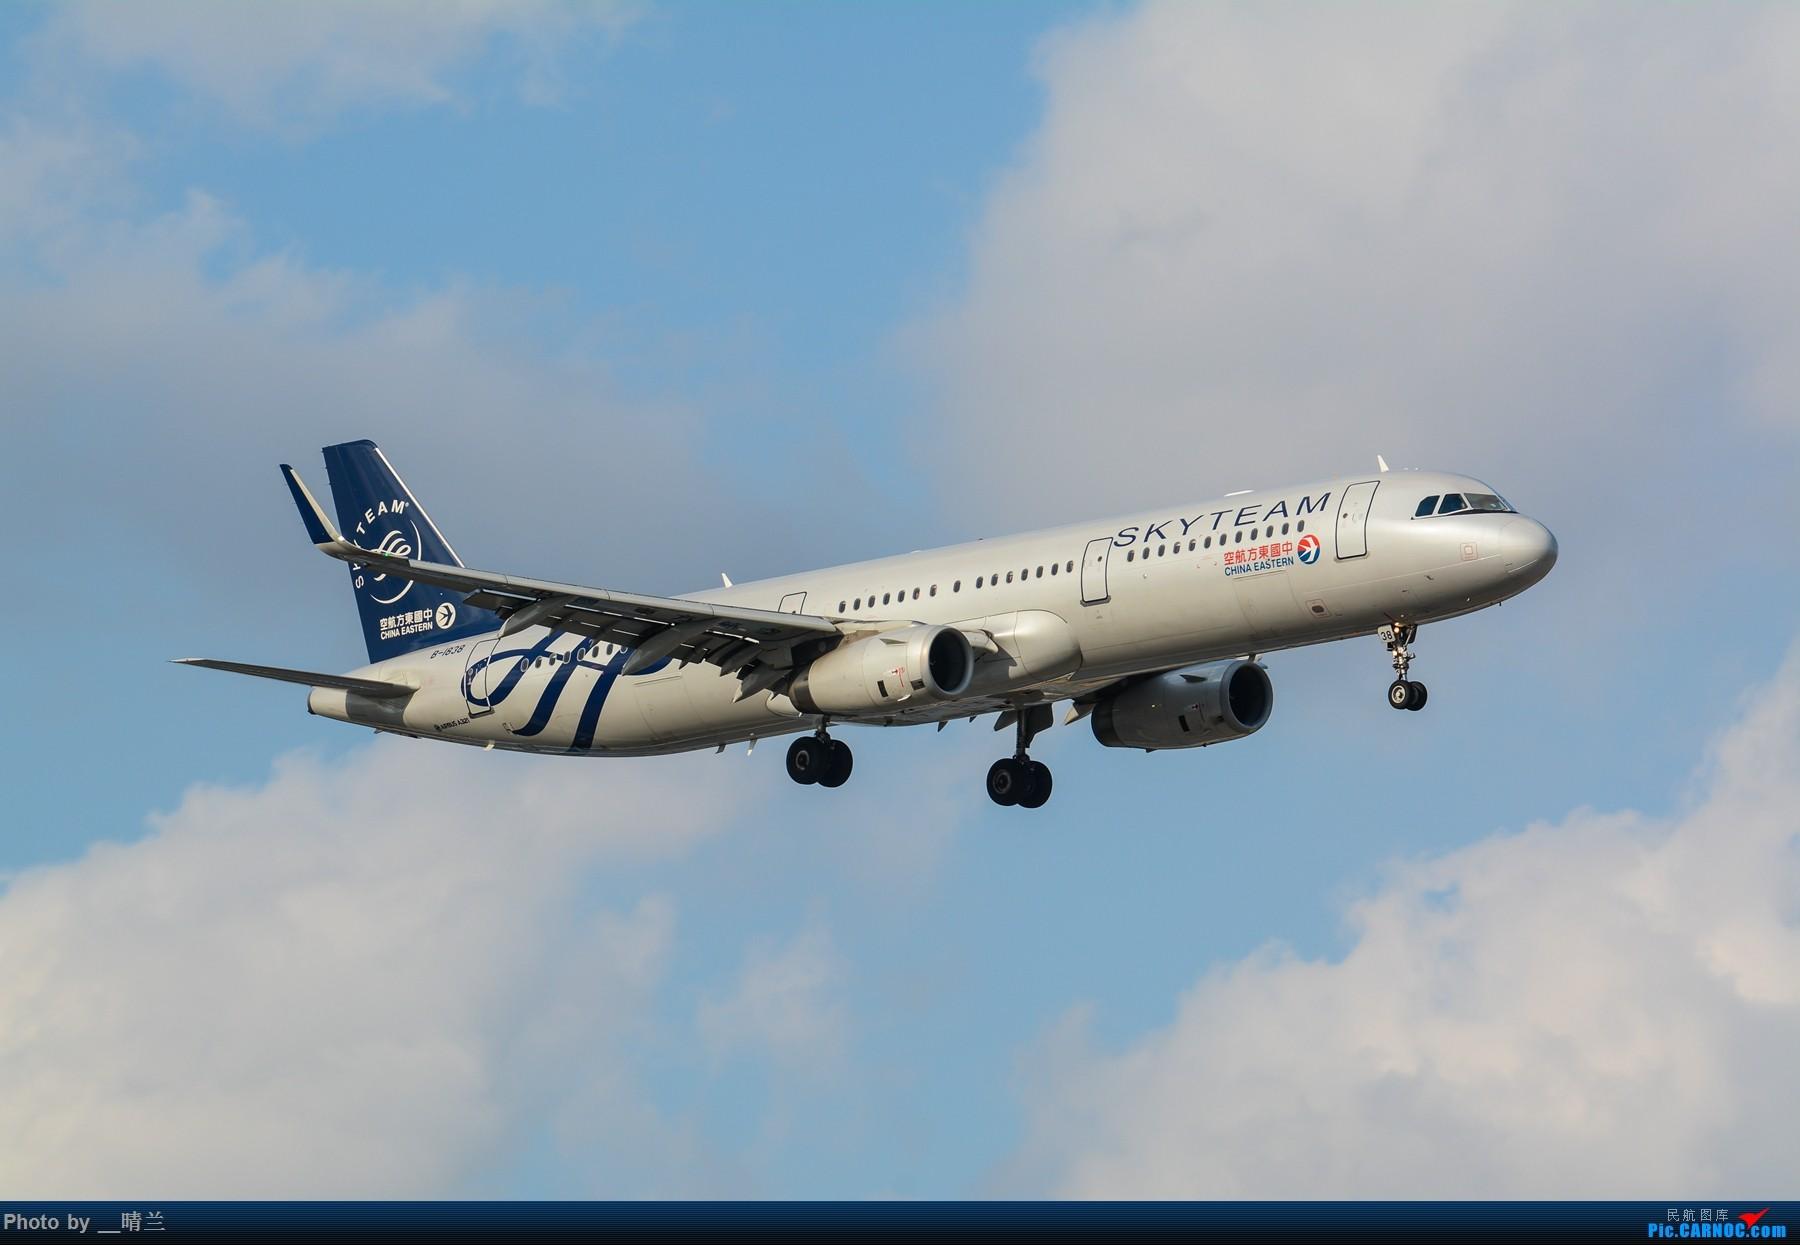 Re:[原创]果然昨天发了图,今天SHA就是大蓝天~~最开心的事莫过于基友们一起拍机! AIRBUS A321-200 B-1838 中国上海虹桥国际机场